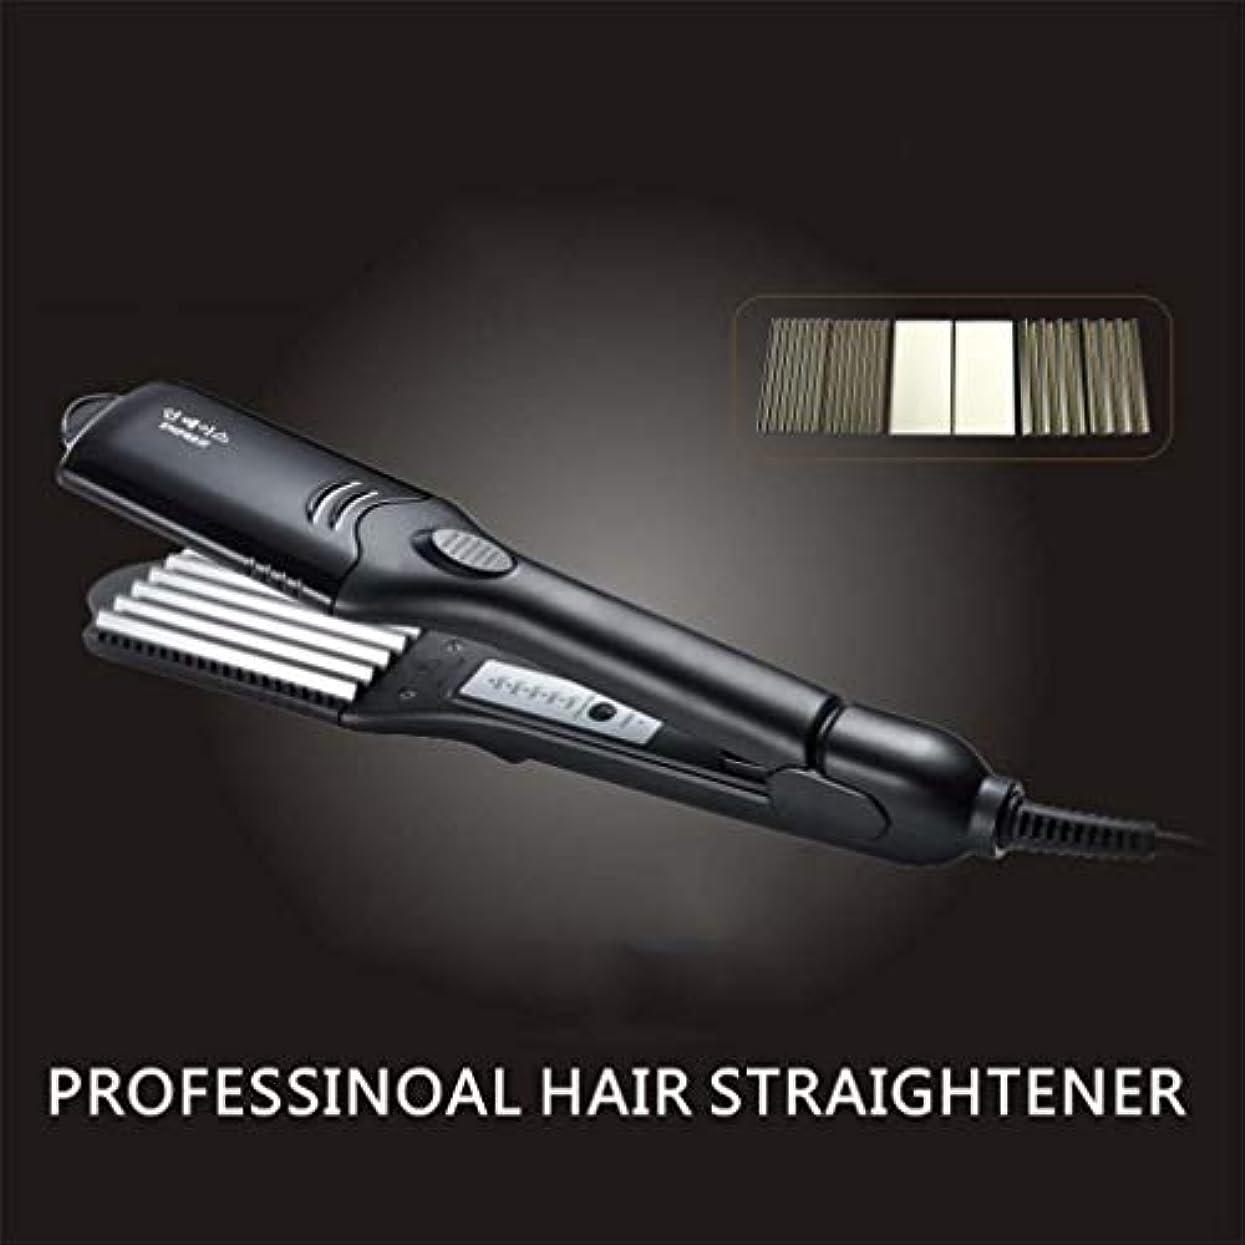 モス会議スーパーマーケット多機能ストレートヘアアイロン4イン1ヘア変更コーンホットプレート変える電気スプリント,黒